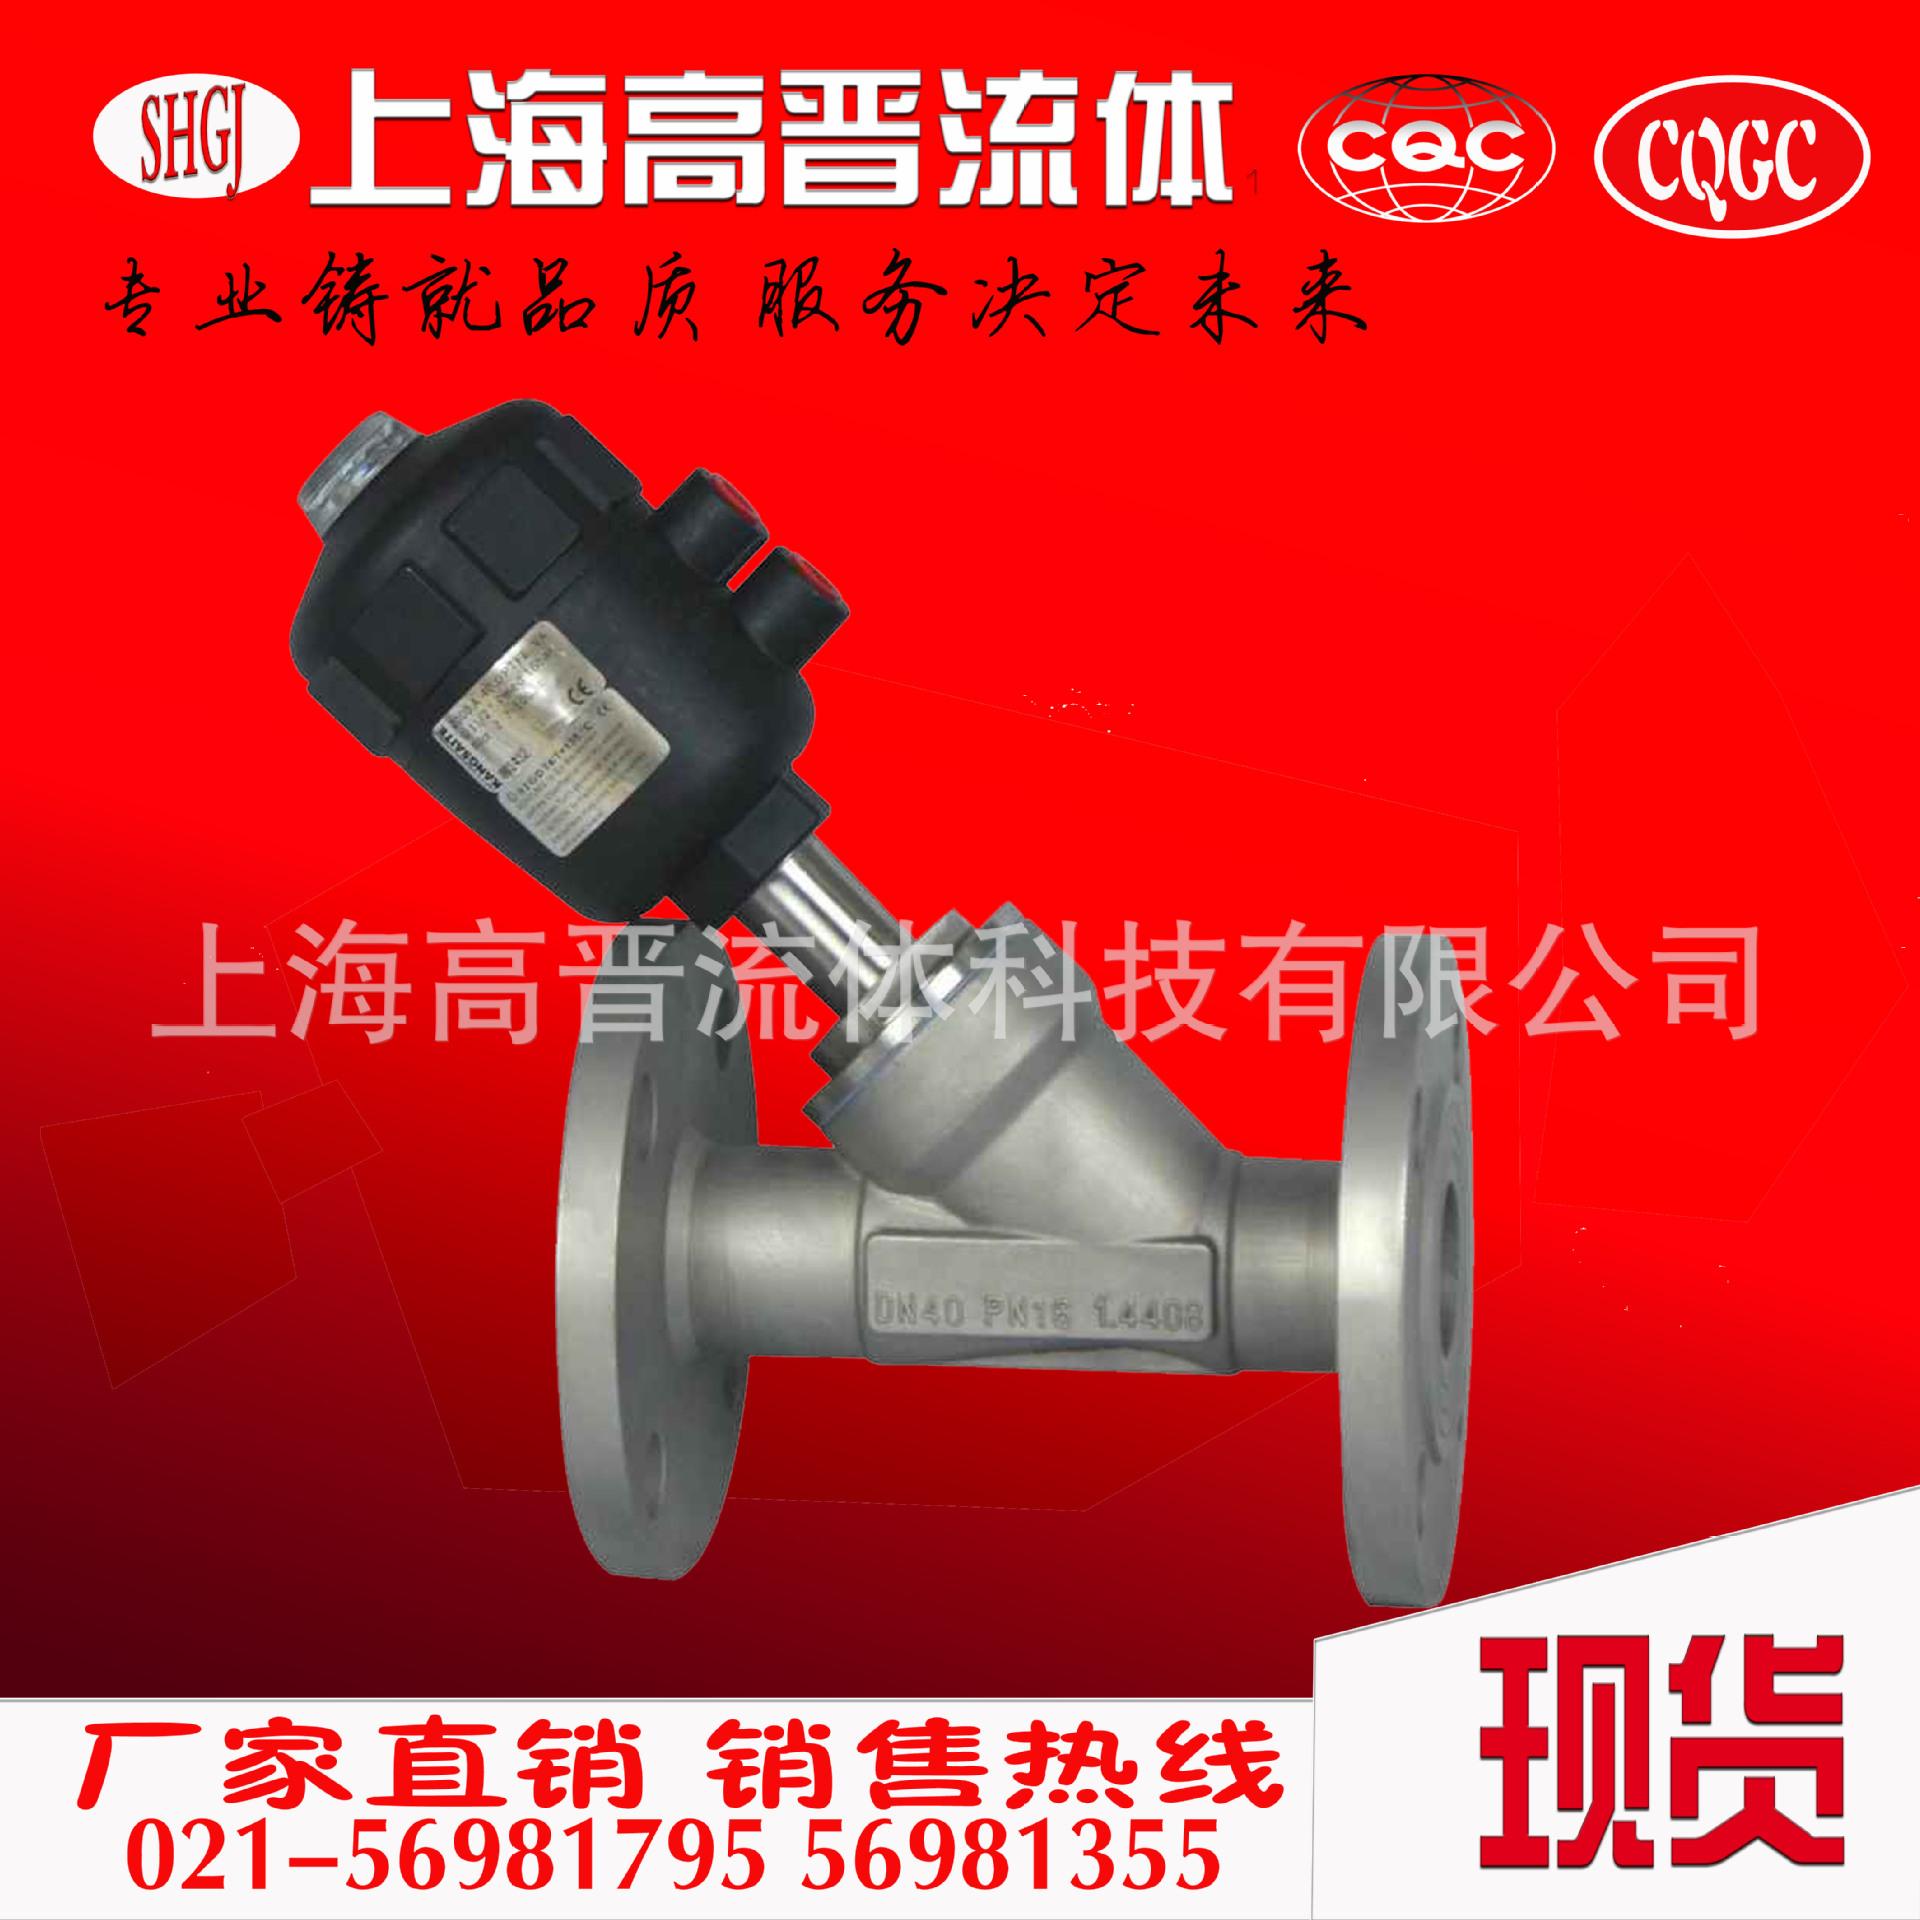 人气上海高晋直销厂价座阀头角塑料印染角座阀气动法兰其他阀门